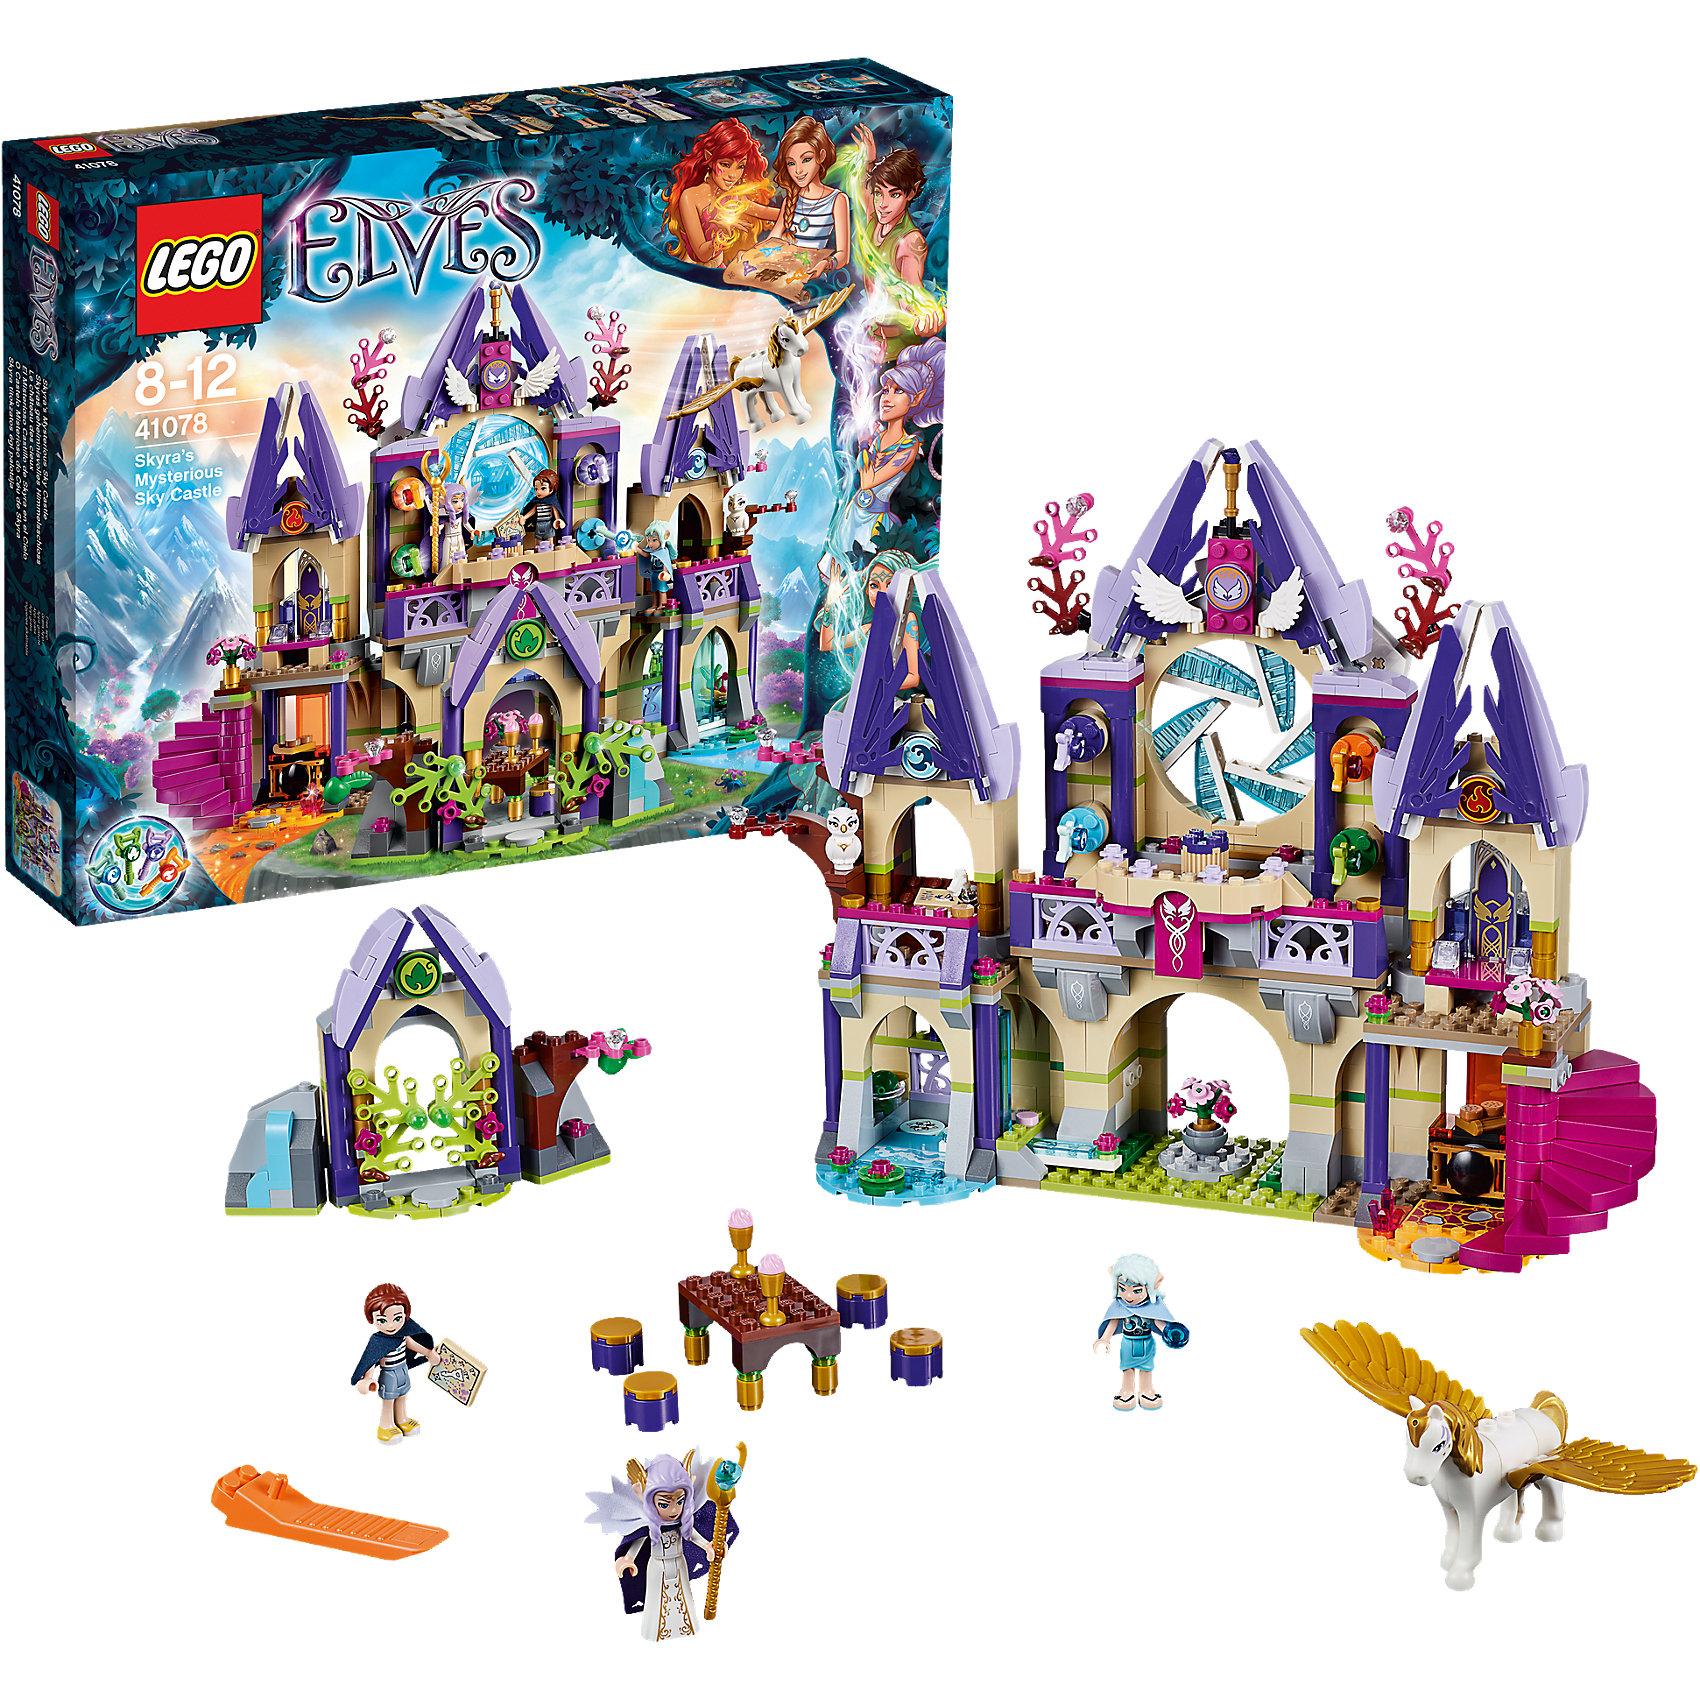 LEGO Elves 41078: Небесный замок СкайрыНабор LEGO Elves (ЛЕГО Эльфы) 41078: Небесный замок Скайры - это венец всей серии! Масштабный набор позволит построить чудесный двухэтажный замок, полный тайн и приключений. Именно в этом наборе ребенок сможет увидеть все 4 загадочных ключа, которые могут помочь Эмили Джонс покинуть Эльфендейл. Новые друзья помогли девочки найти заветные магические ключи, но чтобы открыть портал и отправиться обратно в бабушкин сад, Эмили и Наиде предстоит еще много испытаний в замке Скайры. Сначала нужно расчистить вход, ведь потайные ворота заросли плотными ветвями, а затем не дороге путников станет огненная река. Ничего не бойся и все препятствия останутся позади. Прояви смекалку и гордый пегас пропустит тебя дальше. И вот когда цель близка как никогда, Эмили необходимо растопить суровое сердце хранительницы портала в мир людей. А какие неожиданности случатся с героями дальше - решать только тебе! Построй таинственный небесный замок Скайры и отправляйся навстречу приключениям вместе с чудесными Эльфами!<br><br>LEGO Elves (ЛЕГО Эльфы) - удивительная серия, рассказывающая о таинственном и волшебном мире эльфов, в который попала девушка из обычного мира, Эмили Джонс. Дружба, отвага, взаимная поддержка и вера в себя – вот, что поможет девочке Эмили вернуться домой. Наборы прекрасно подходят для ролевой игры и способствуют интеллектуальному и творческому развитию ребенка.<br><br>Дополнительная информация:<br><br>- Конструкторы LEGO (ЛЕГО) отлично развивают моторику, мышление и фантазию Вашего ребенка;<br>- В комплекте: 3 минифигурки (Эмили Джонс, Наида и Скайра), пегас Златогривка, сова Наска, детали набора;<br>- Количество деталей: 808 шт;<br>- Серия: LEGO Elves (ЛЕГО Эльфы);<br>- Материал: безопасный пластик;<br>- Размер упаковки: 48 х 38 х 7 см.<br><br>Конструктор LEGO Elves (ЛЕГО Эльфы) 41078: Небесный замок Скайры можно купить в нашем магазине.<br><br>Ширина мм: 473<br>Глубина мм: 373<br>Высота мм: 83<br>Вес г: 1278<br>Возраст от месяцев: 96